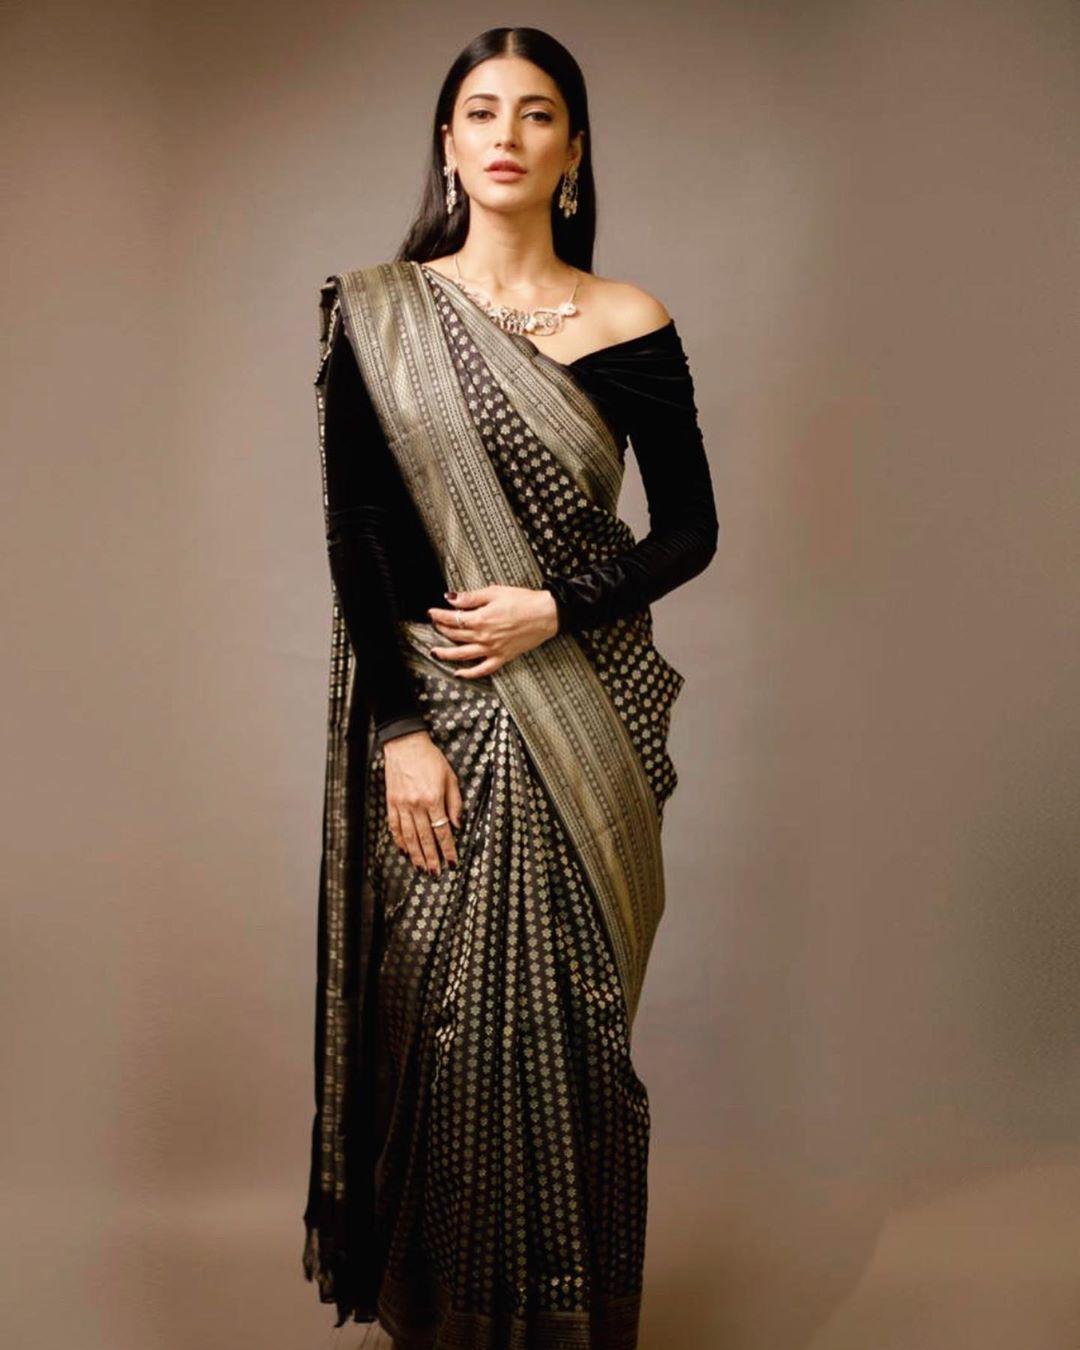 Black Pure Silk Georgette Style saree and blouse for women,saree for women,Indian saree,saree dress,wedding saree,traditional saree,saris